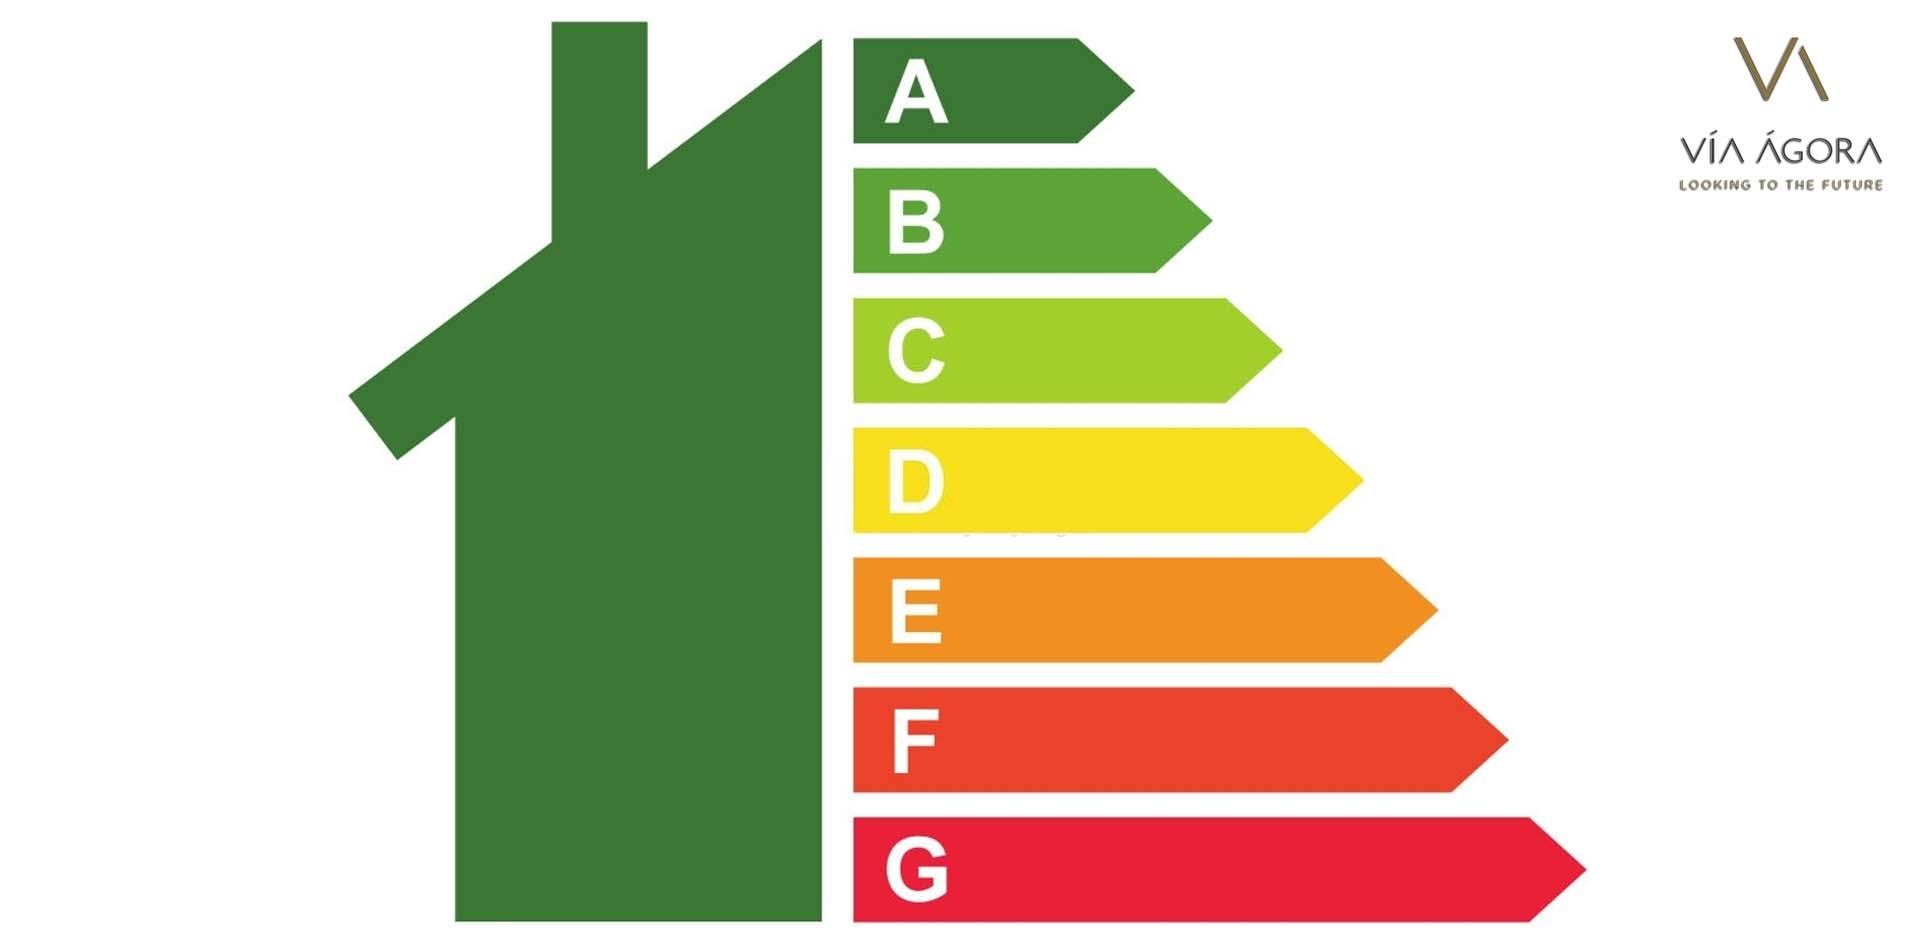 etiqueta-verde-via-agora